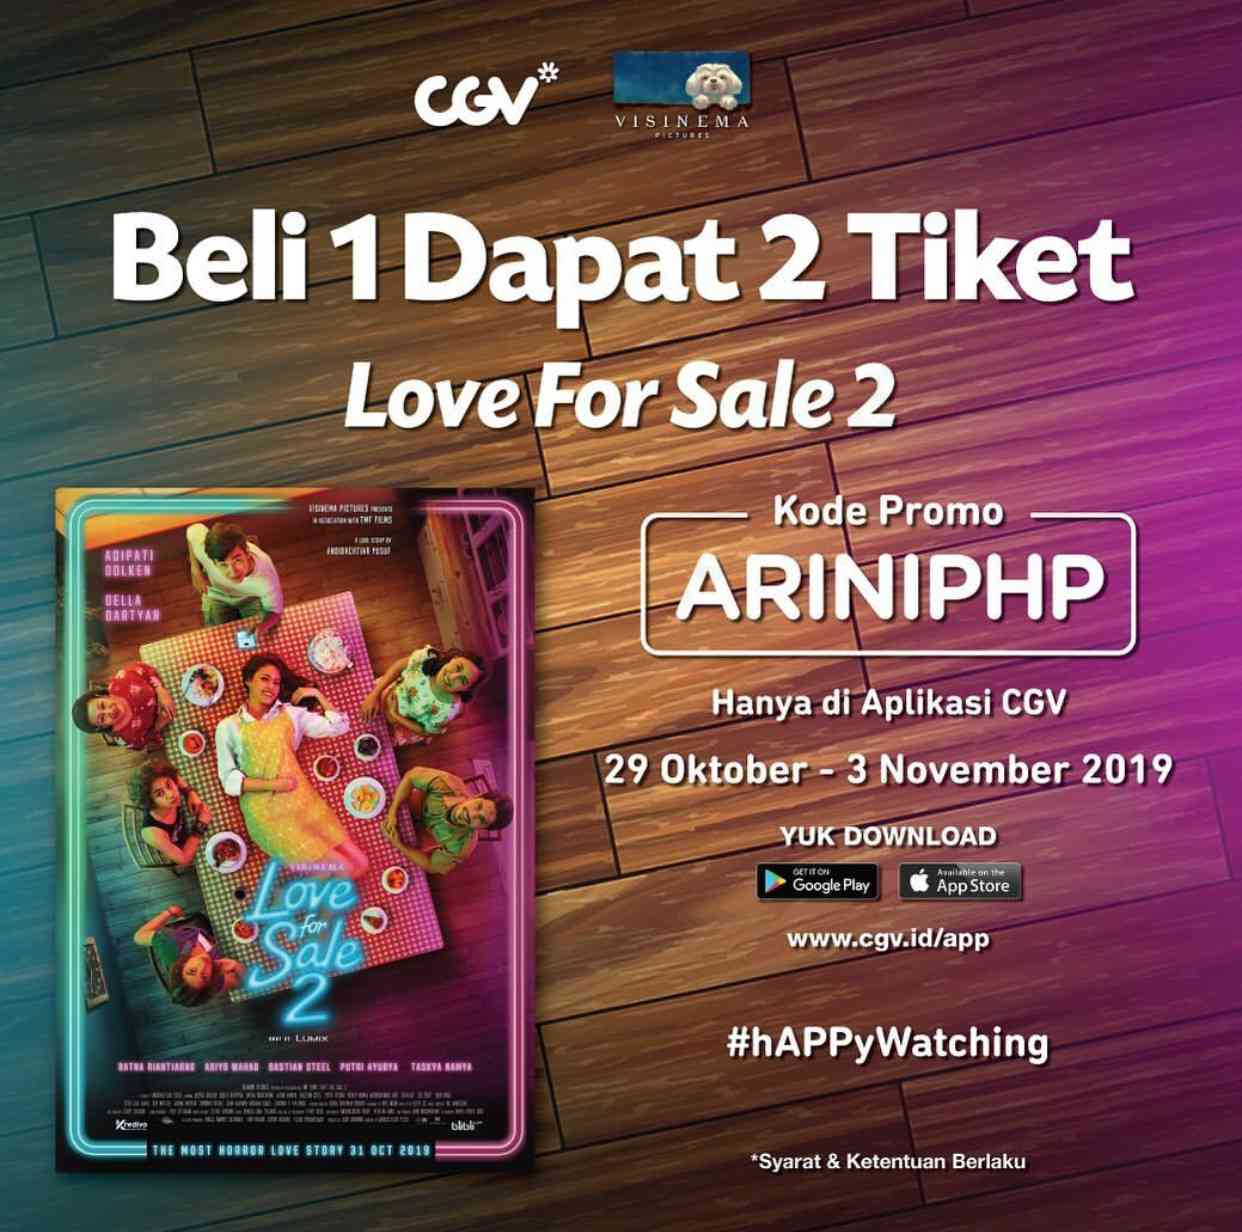 CGV Cinema Promo Beli 1 Dapat 2 Tiket Love For Sale 2 di Aplikasi CGV